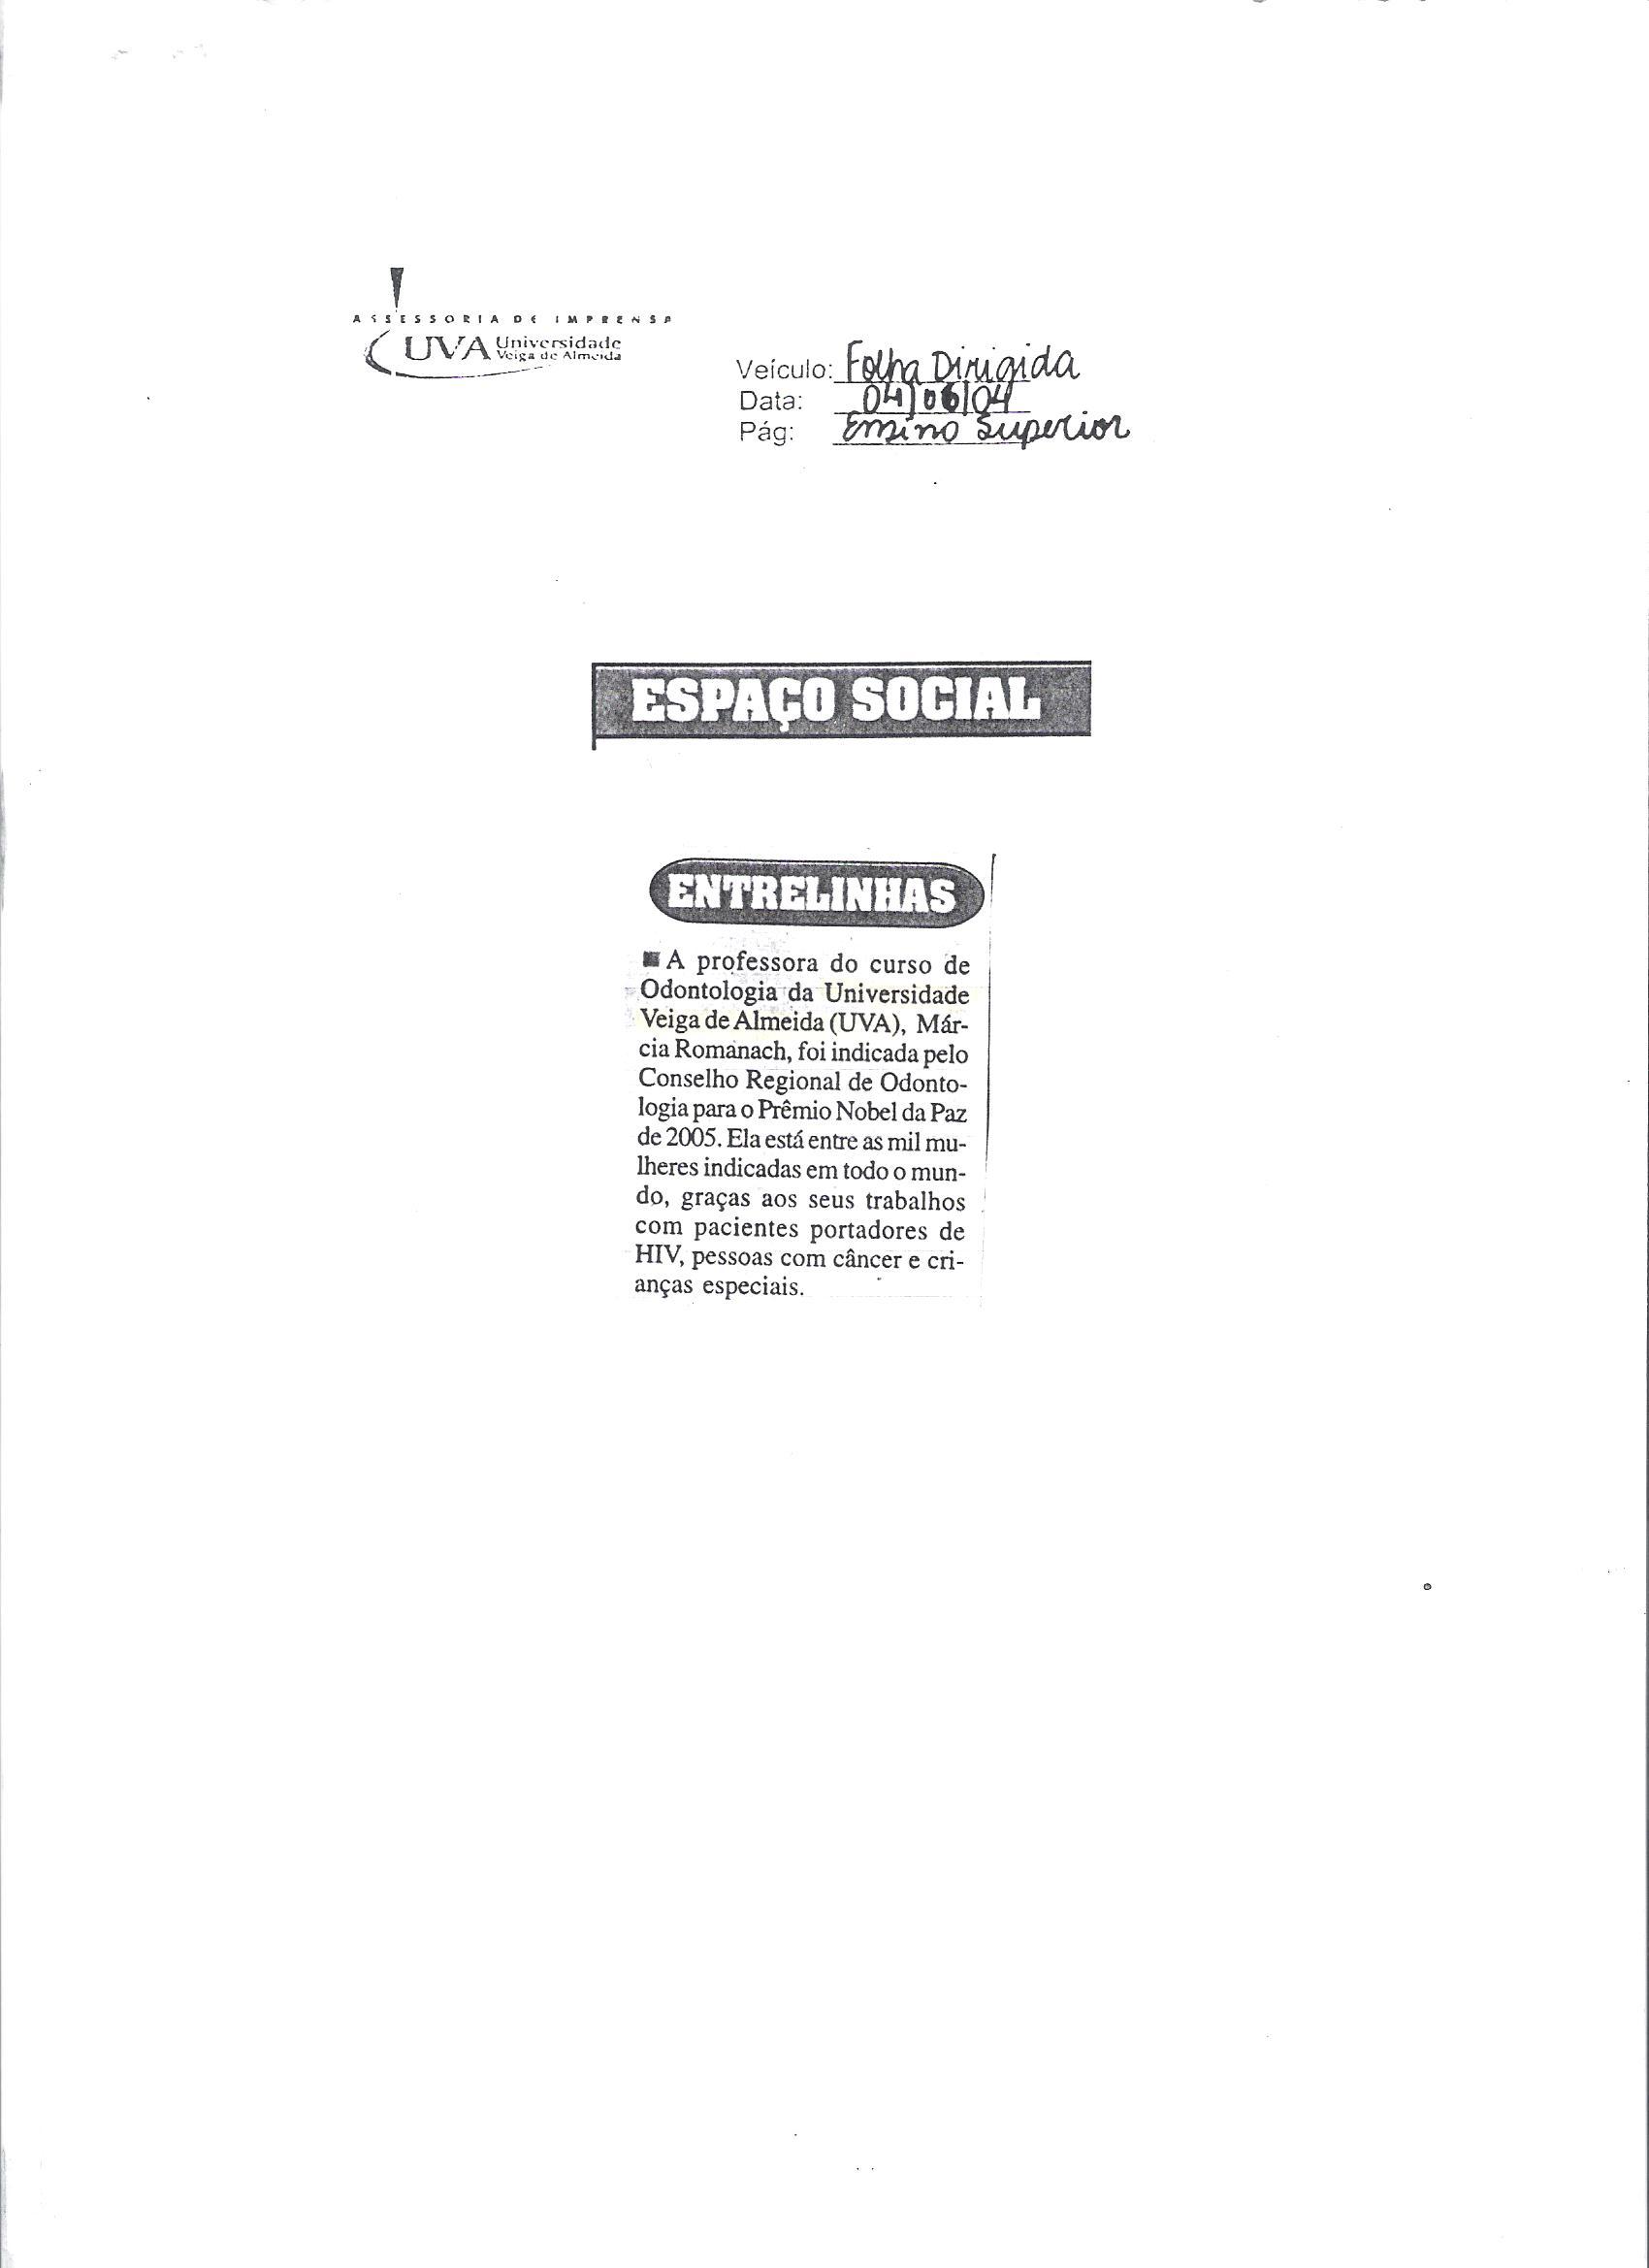 Folha Dirigida 04